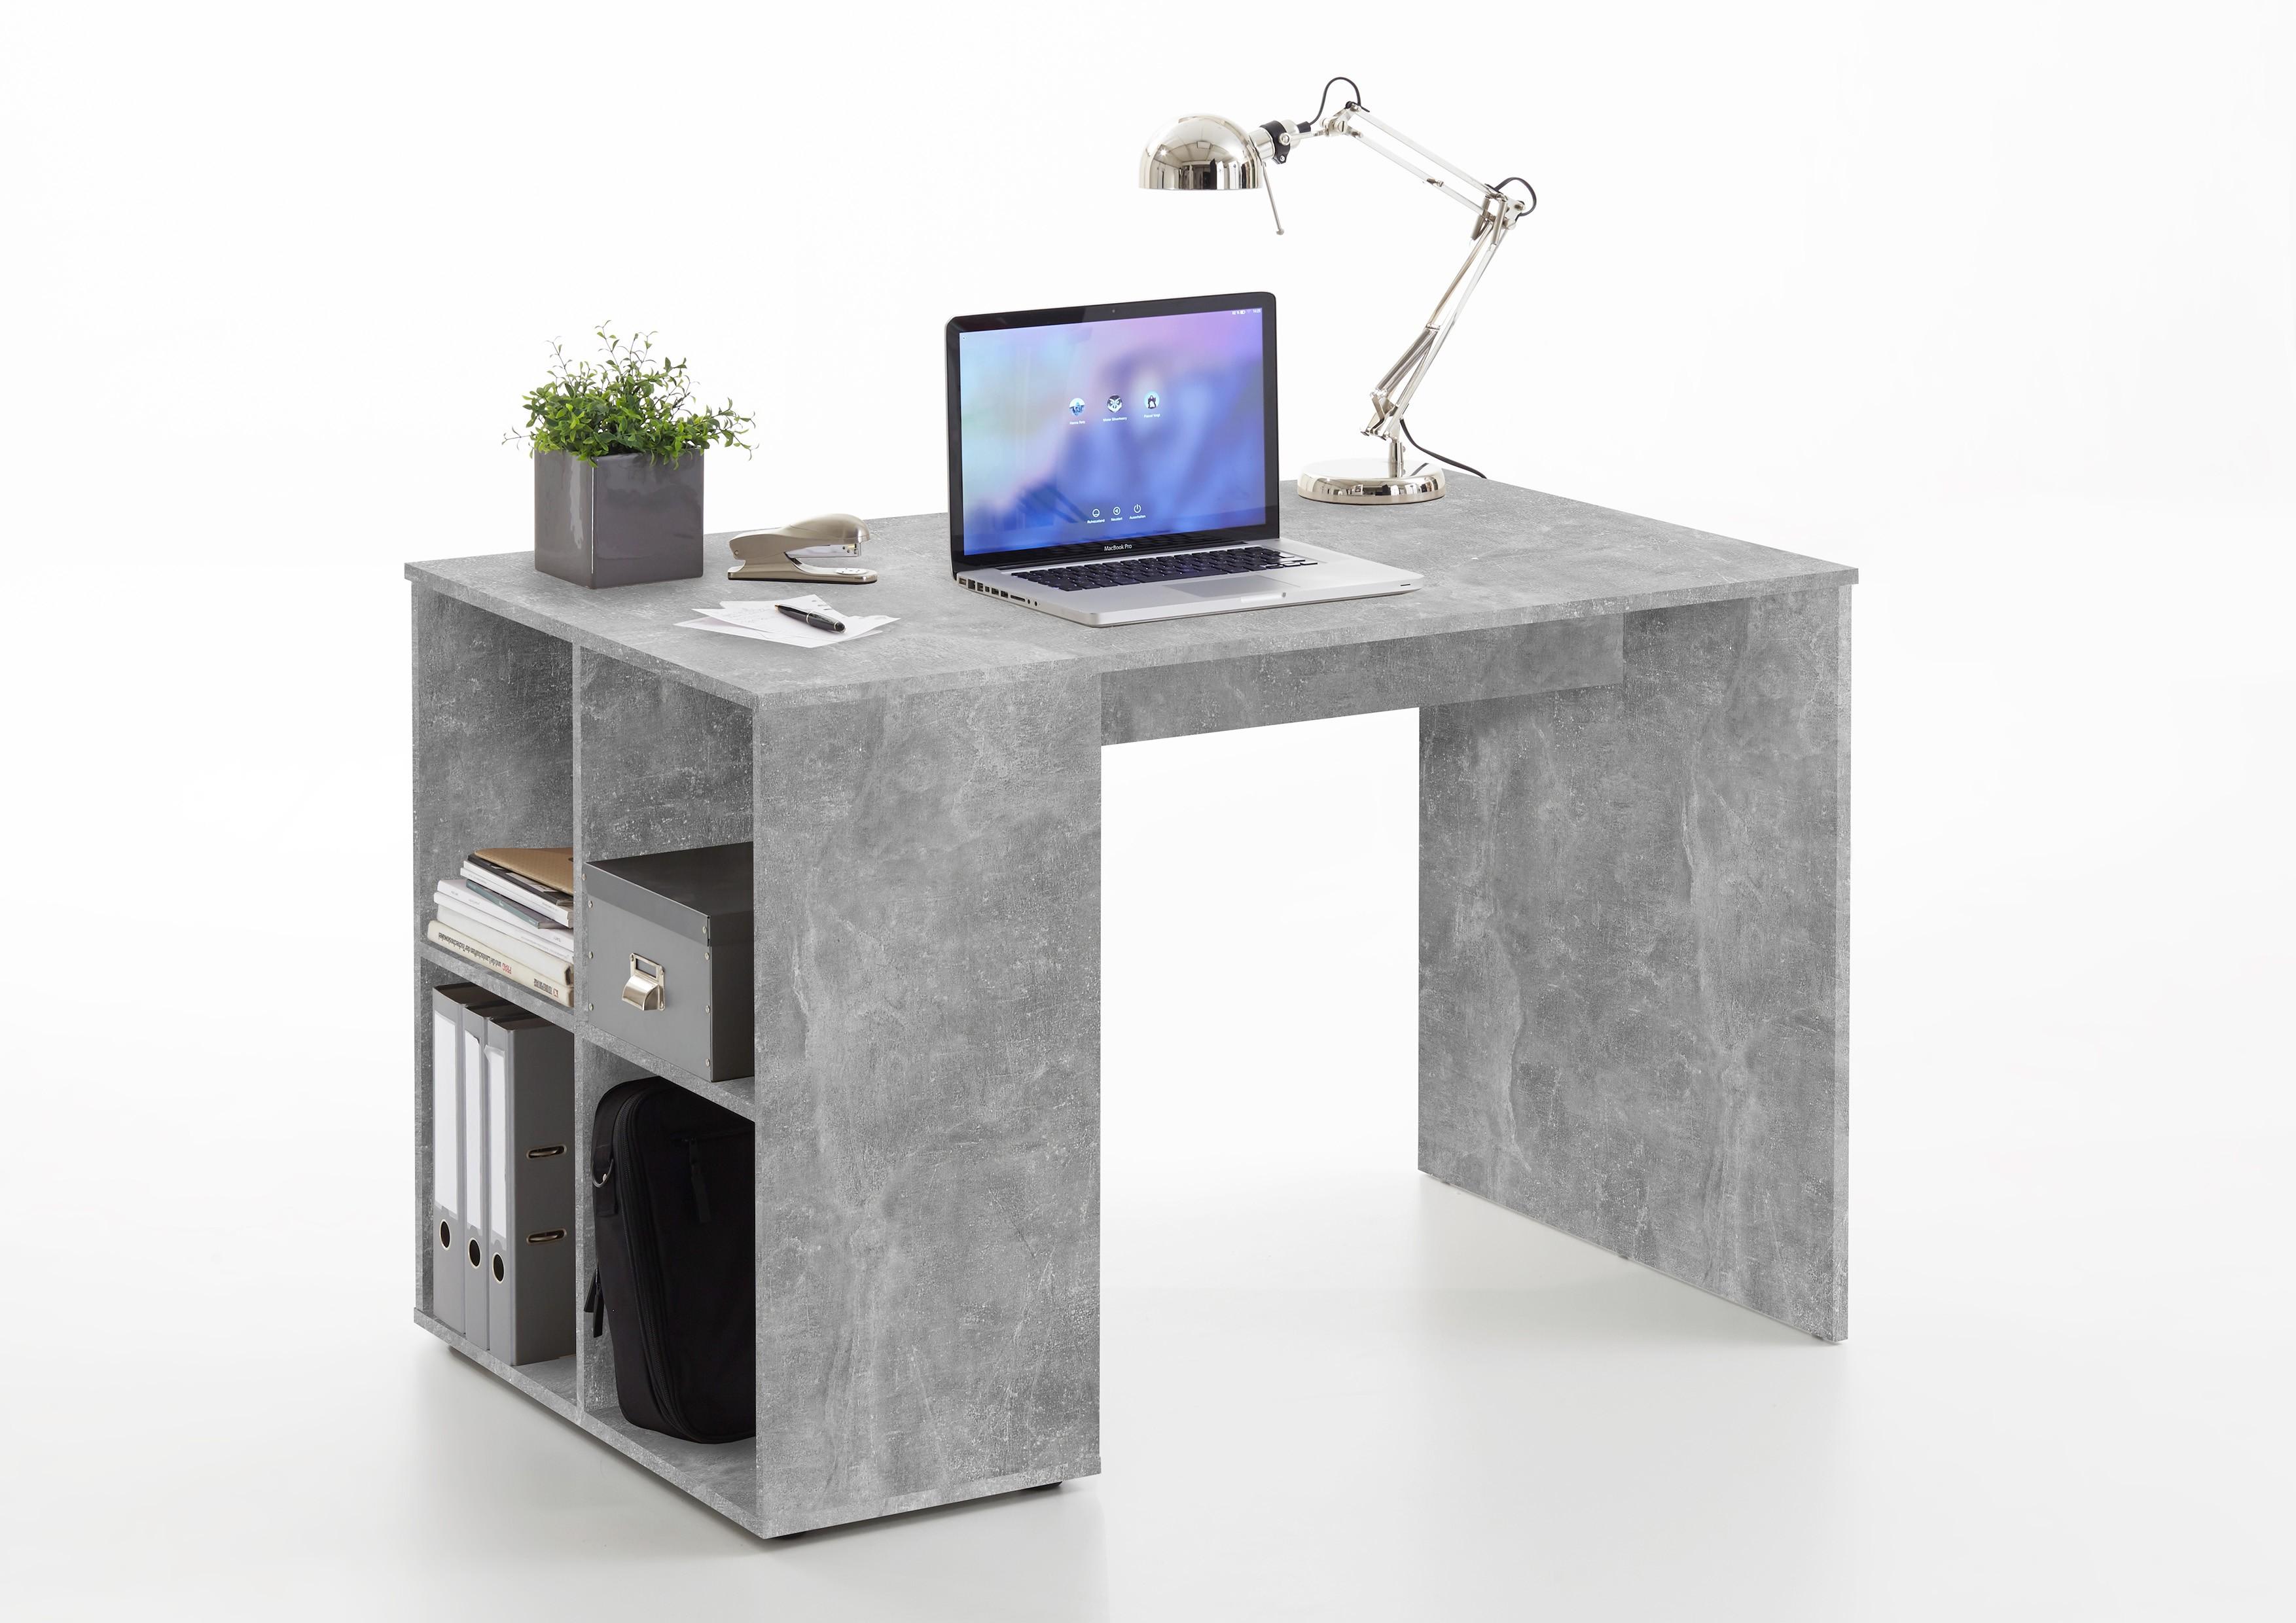 Favorit Schreibtisch Mod.F366-001 Beton - H&C Möbel HJ37